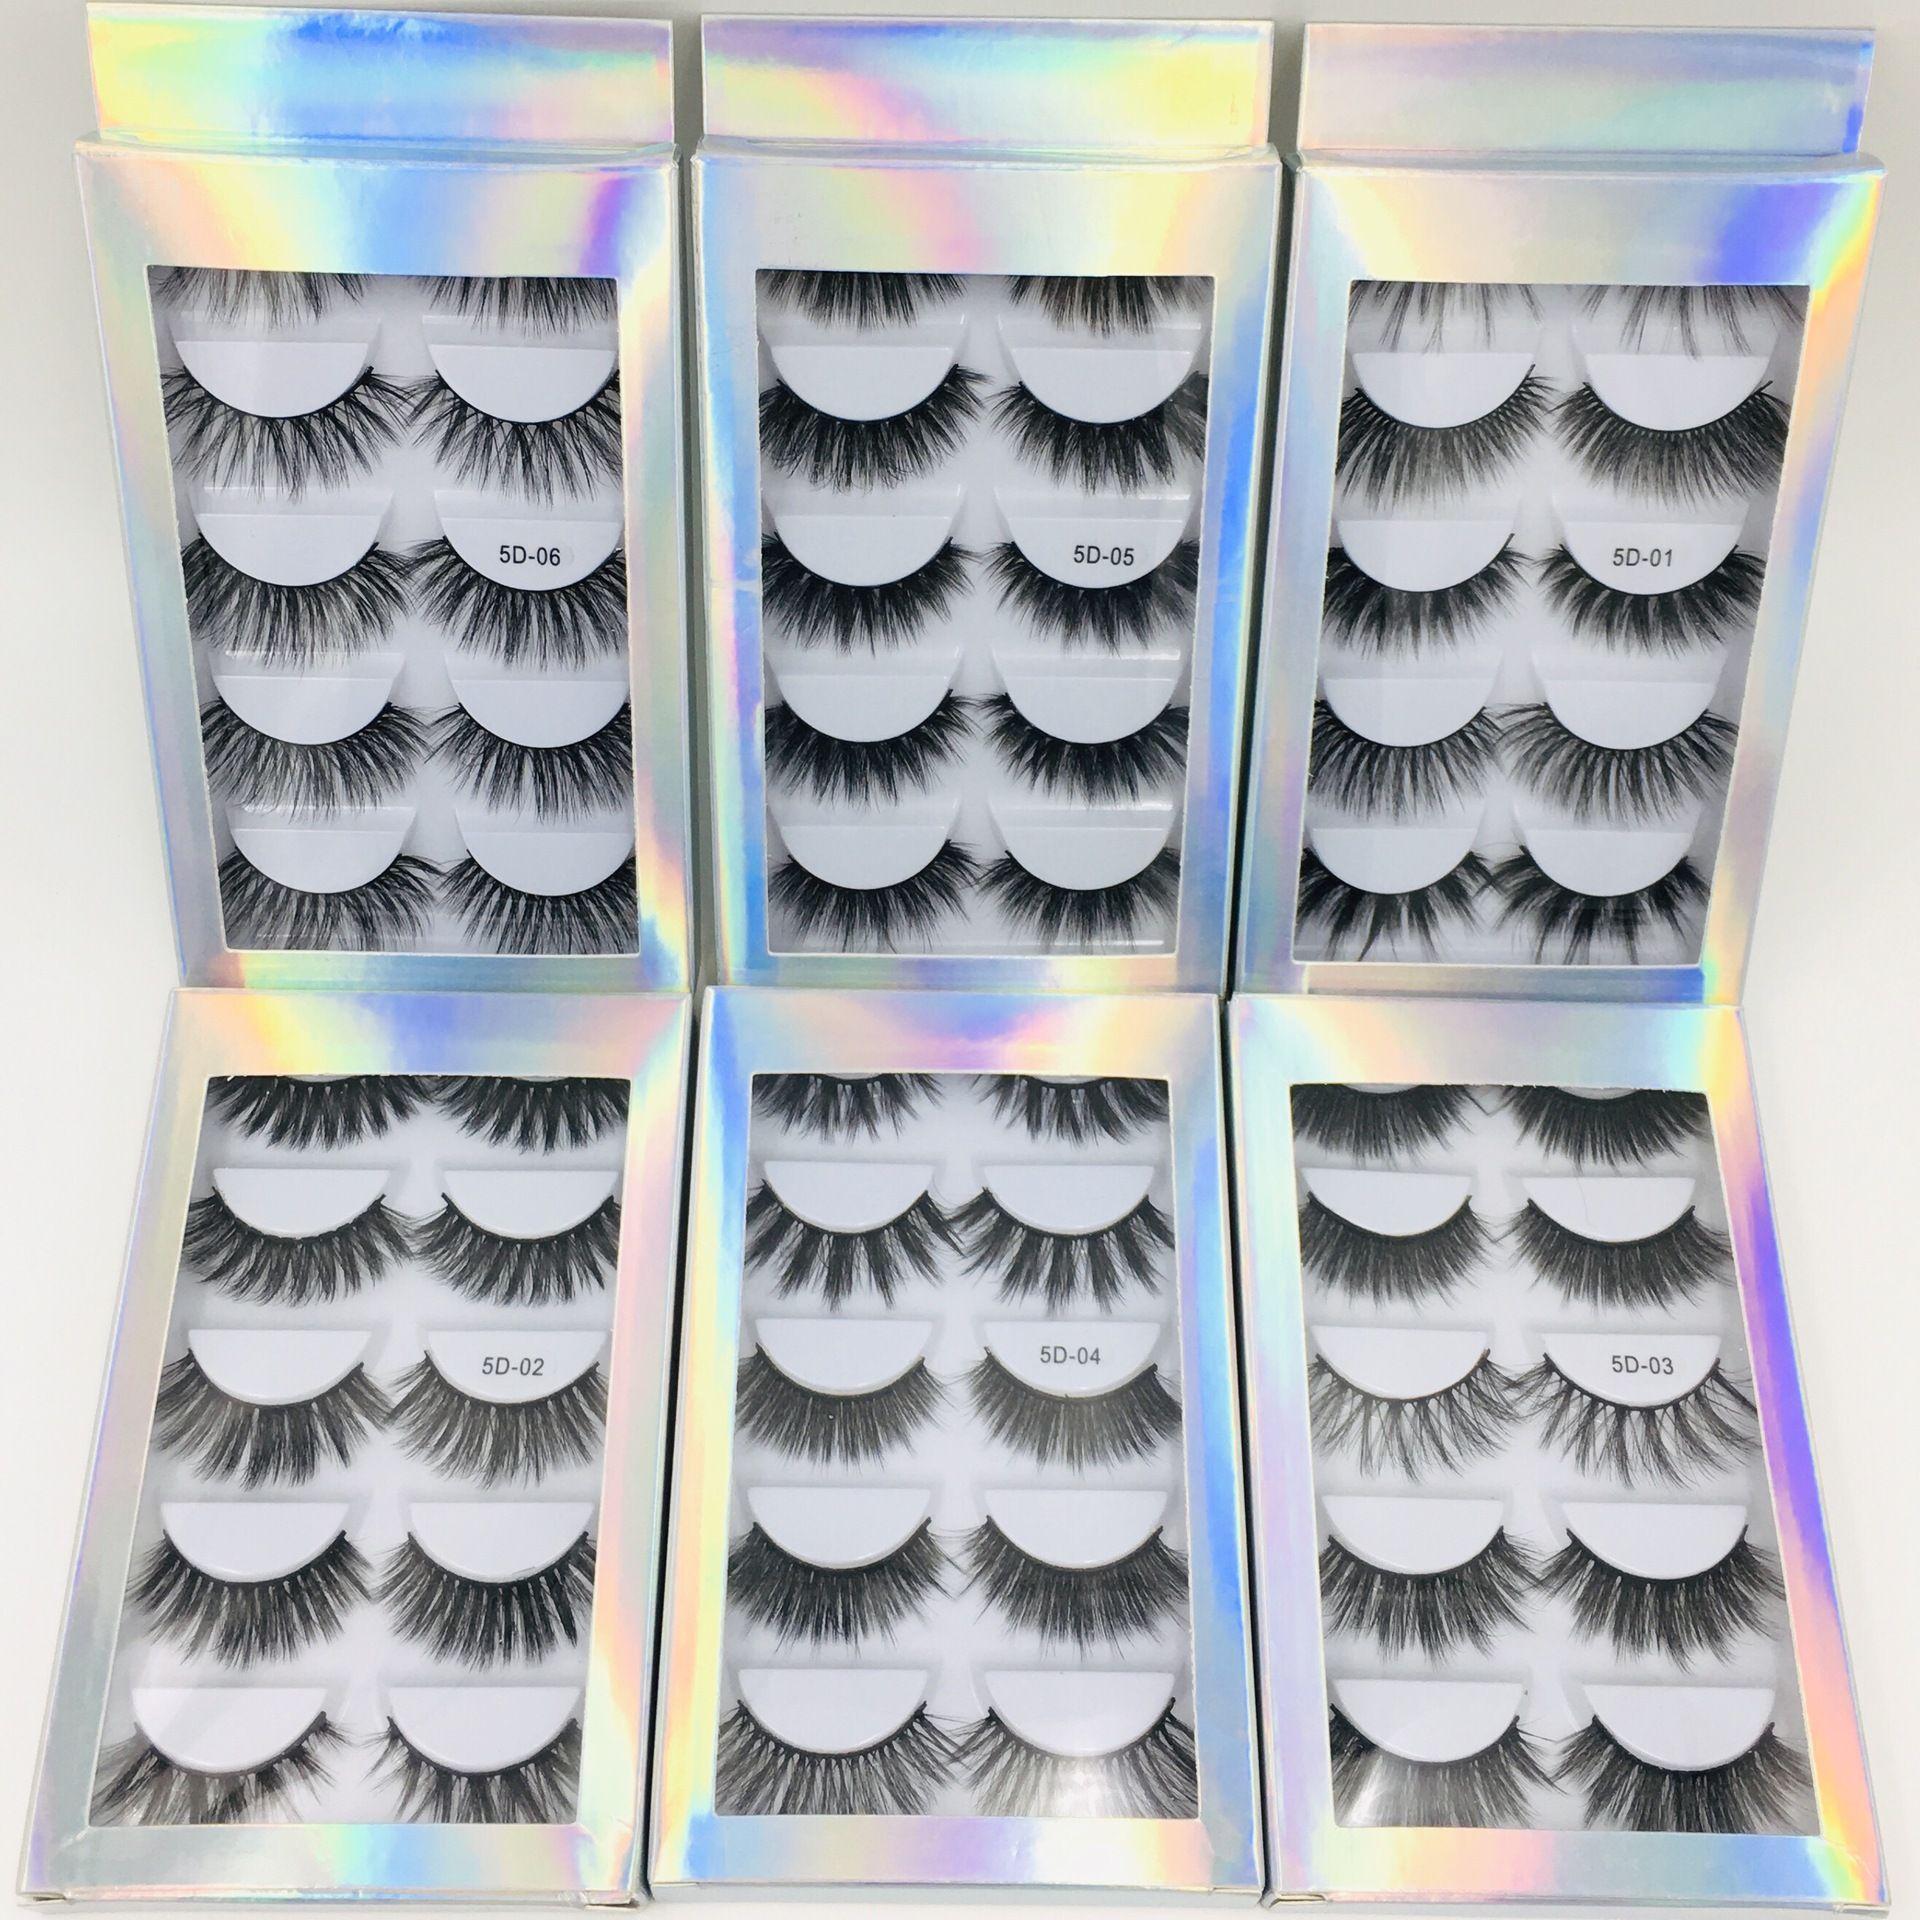 Новое поступление 5 пар норки ложные ресницы установить лазерная упаковочная коробка ручной работы многоразовые поддельными ресницами глаз макияж аксессуары падение доставки YL024